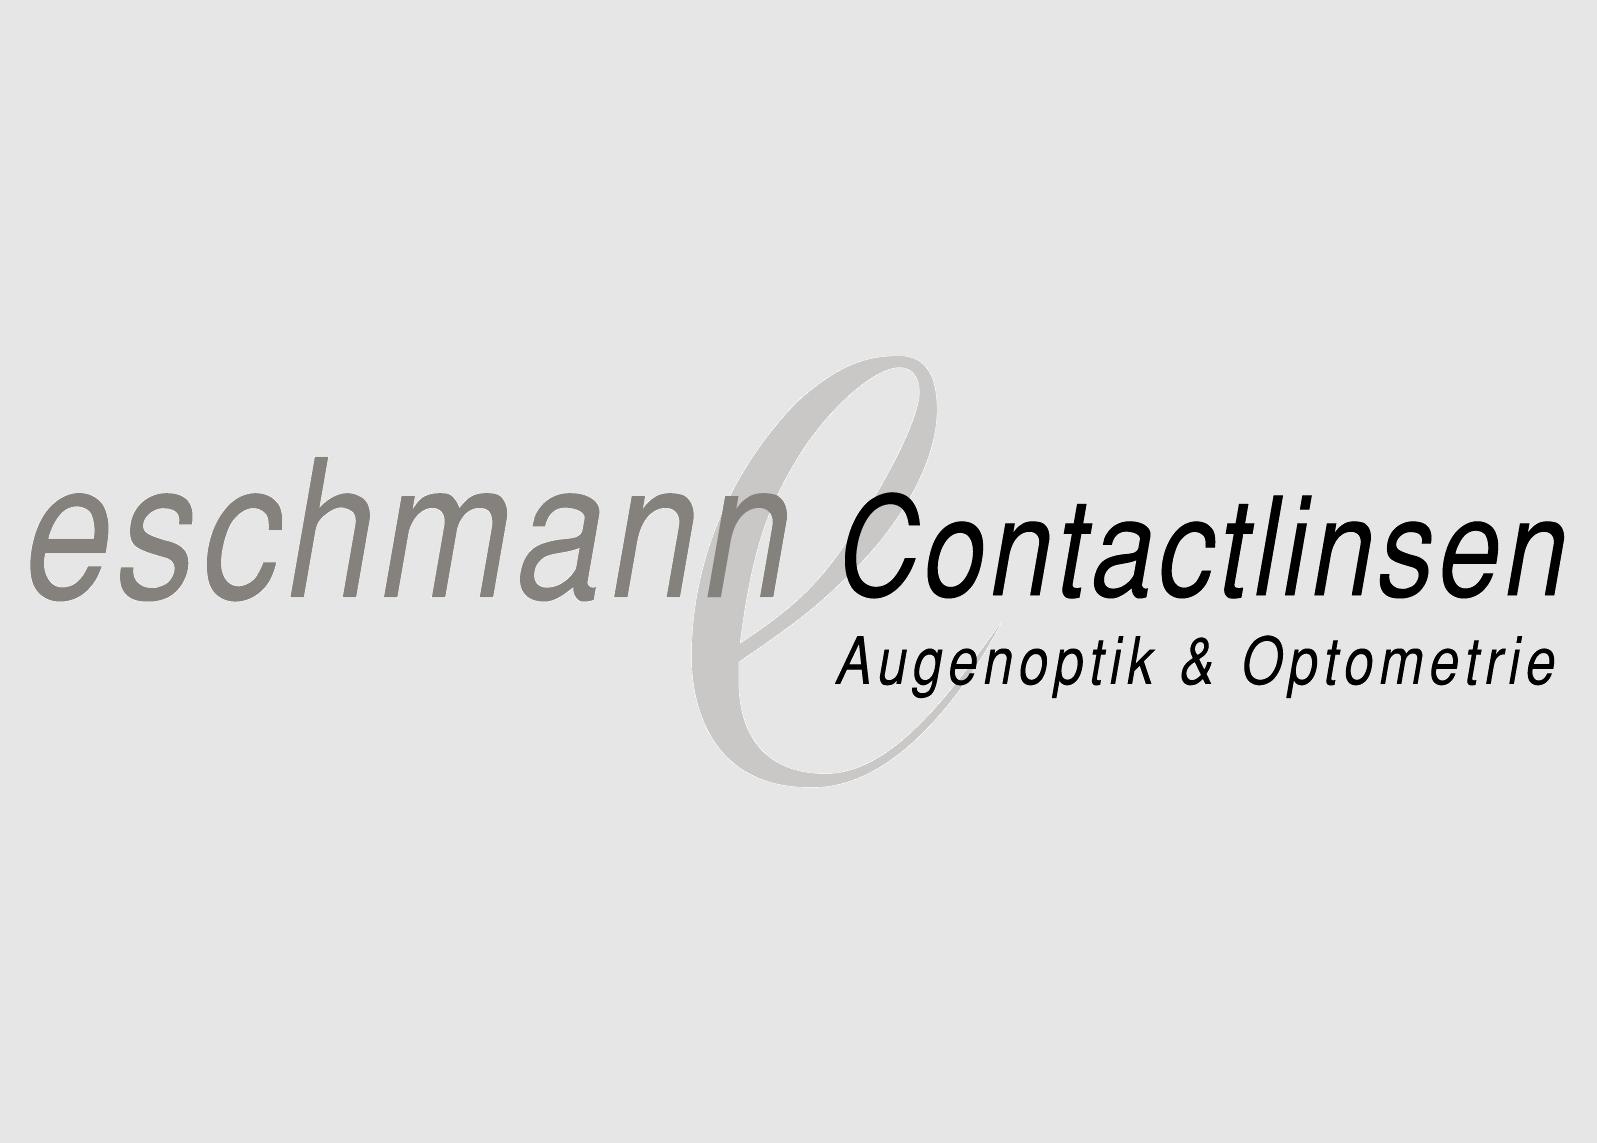 Eschmann - Contactlinsen AG